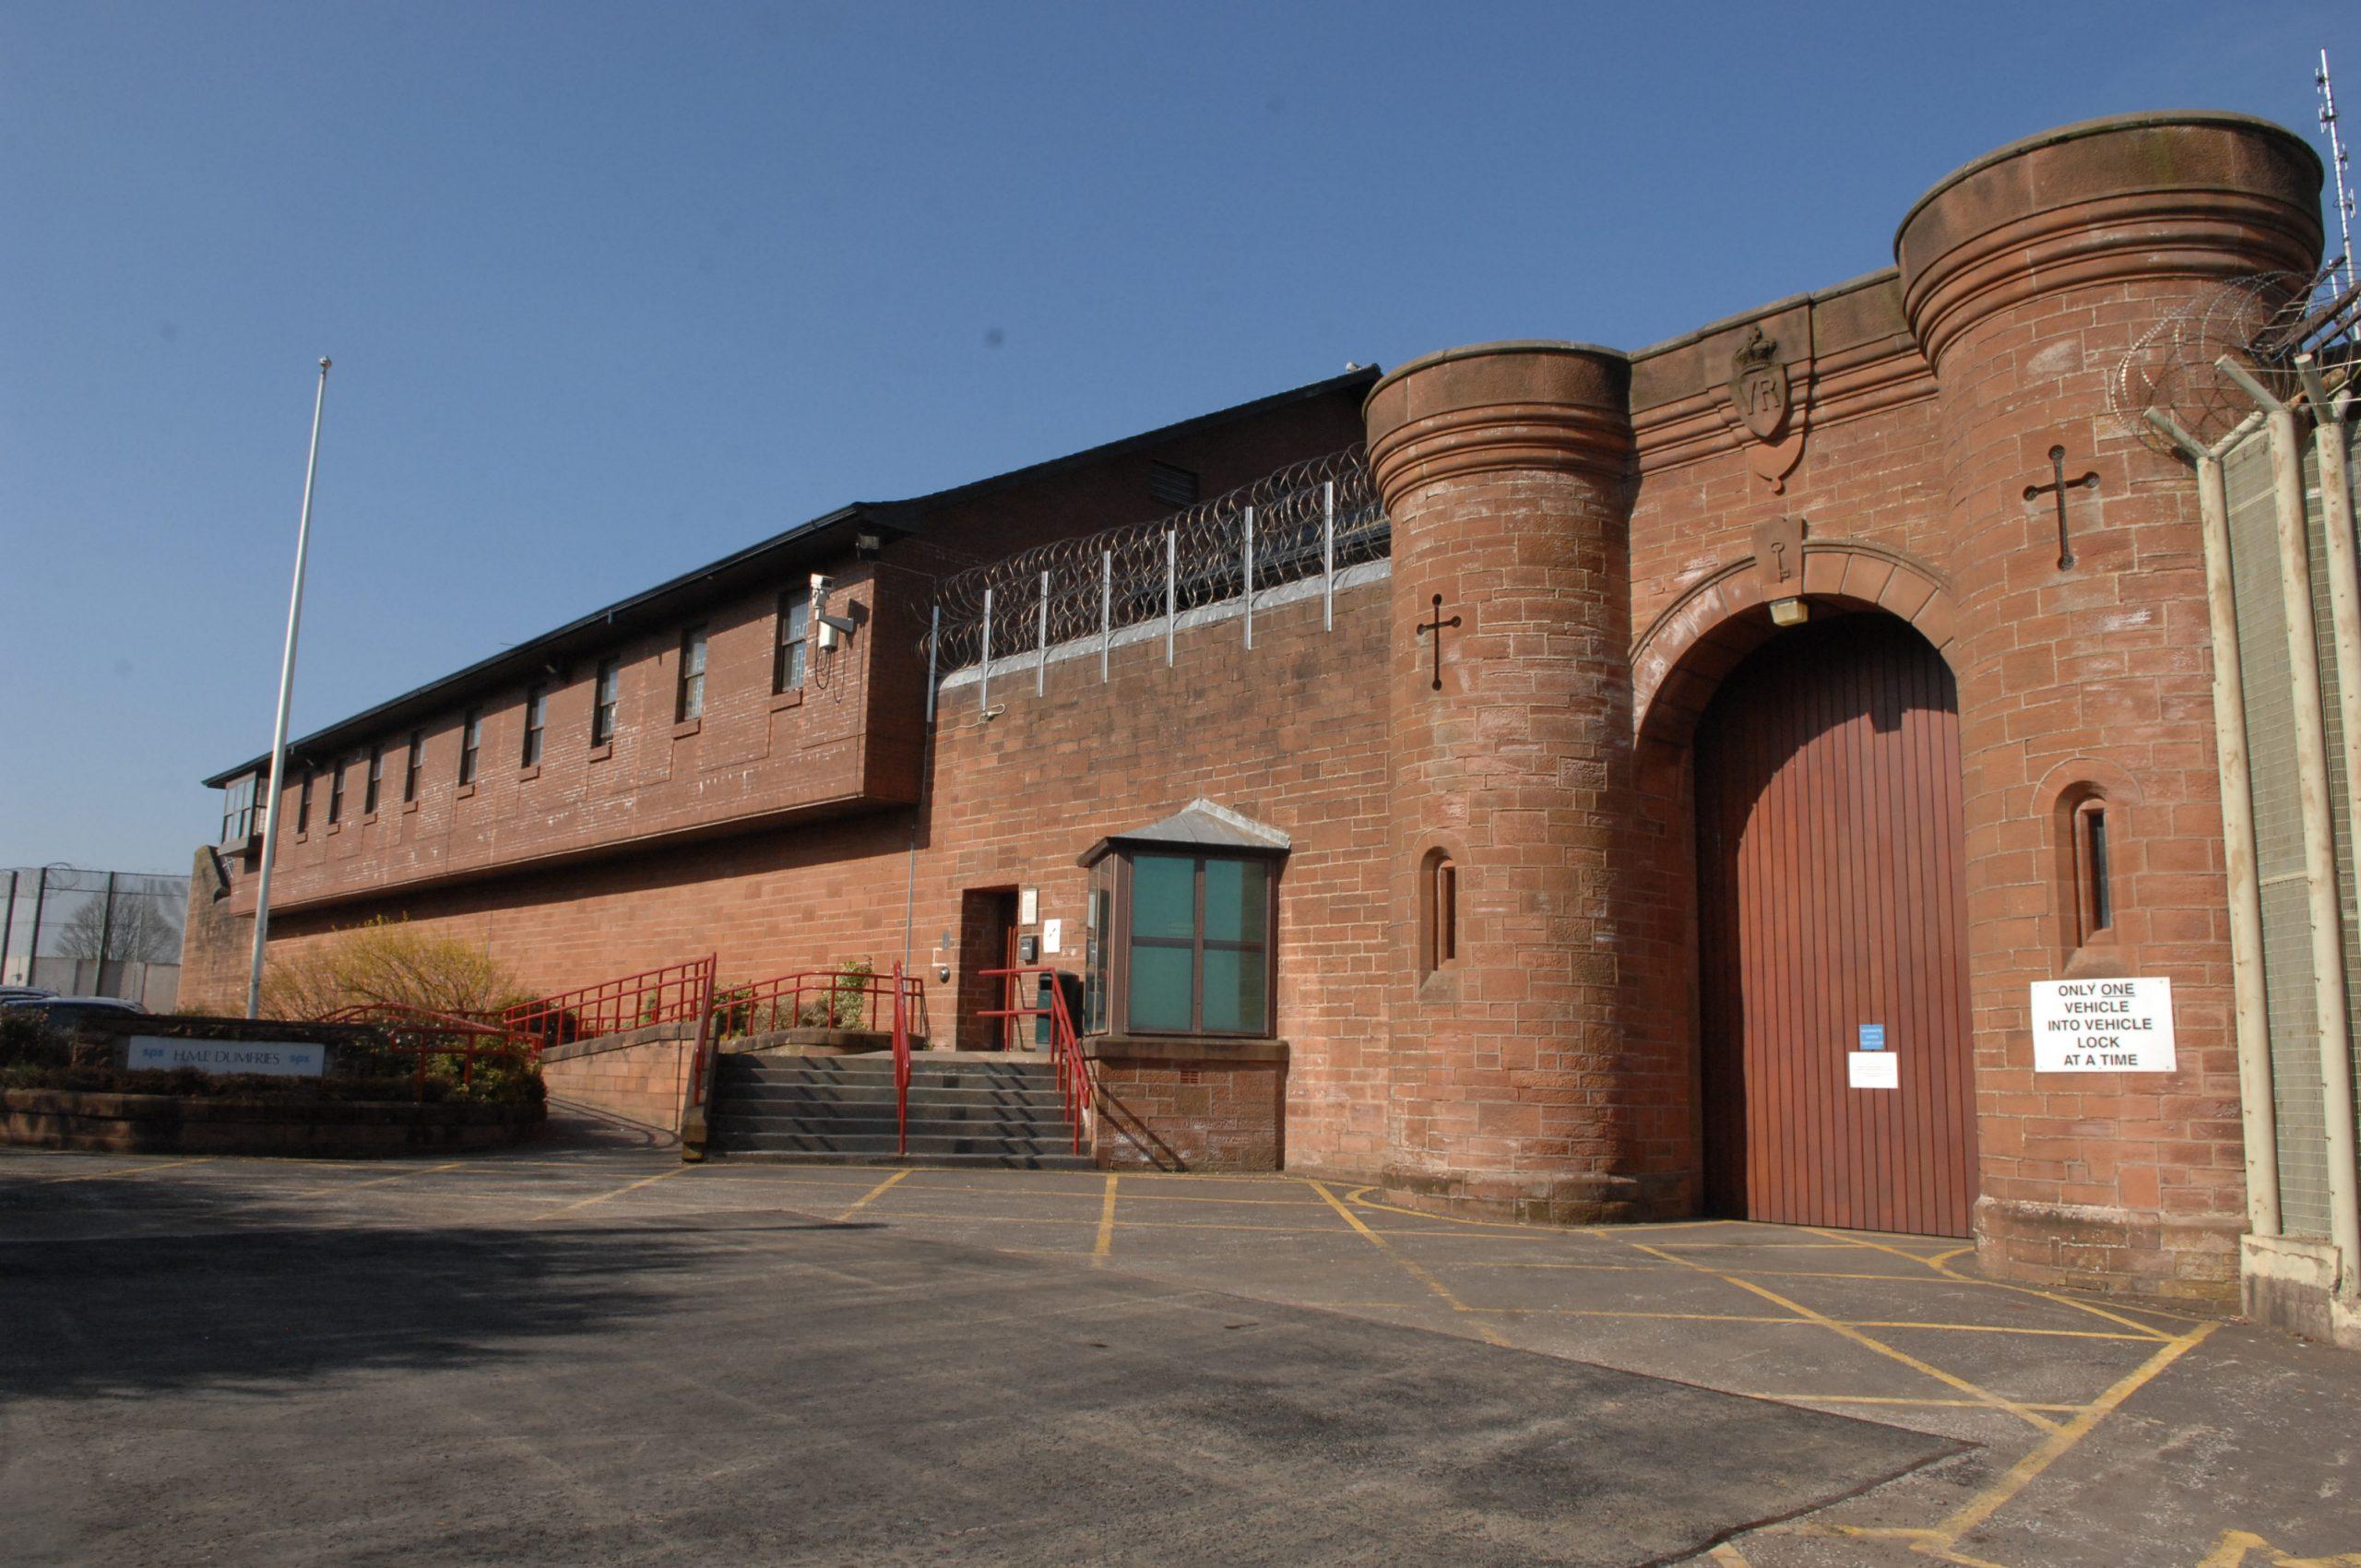 Praise for 'slick' prison